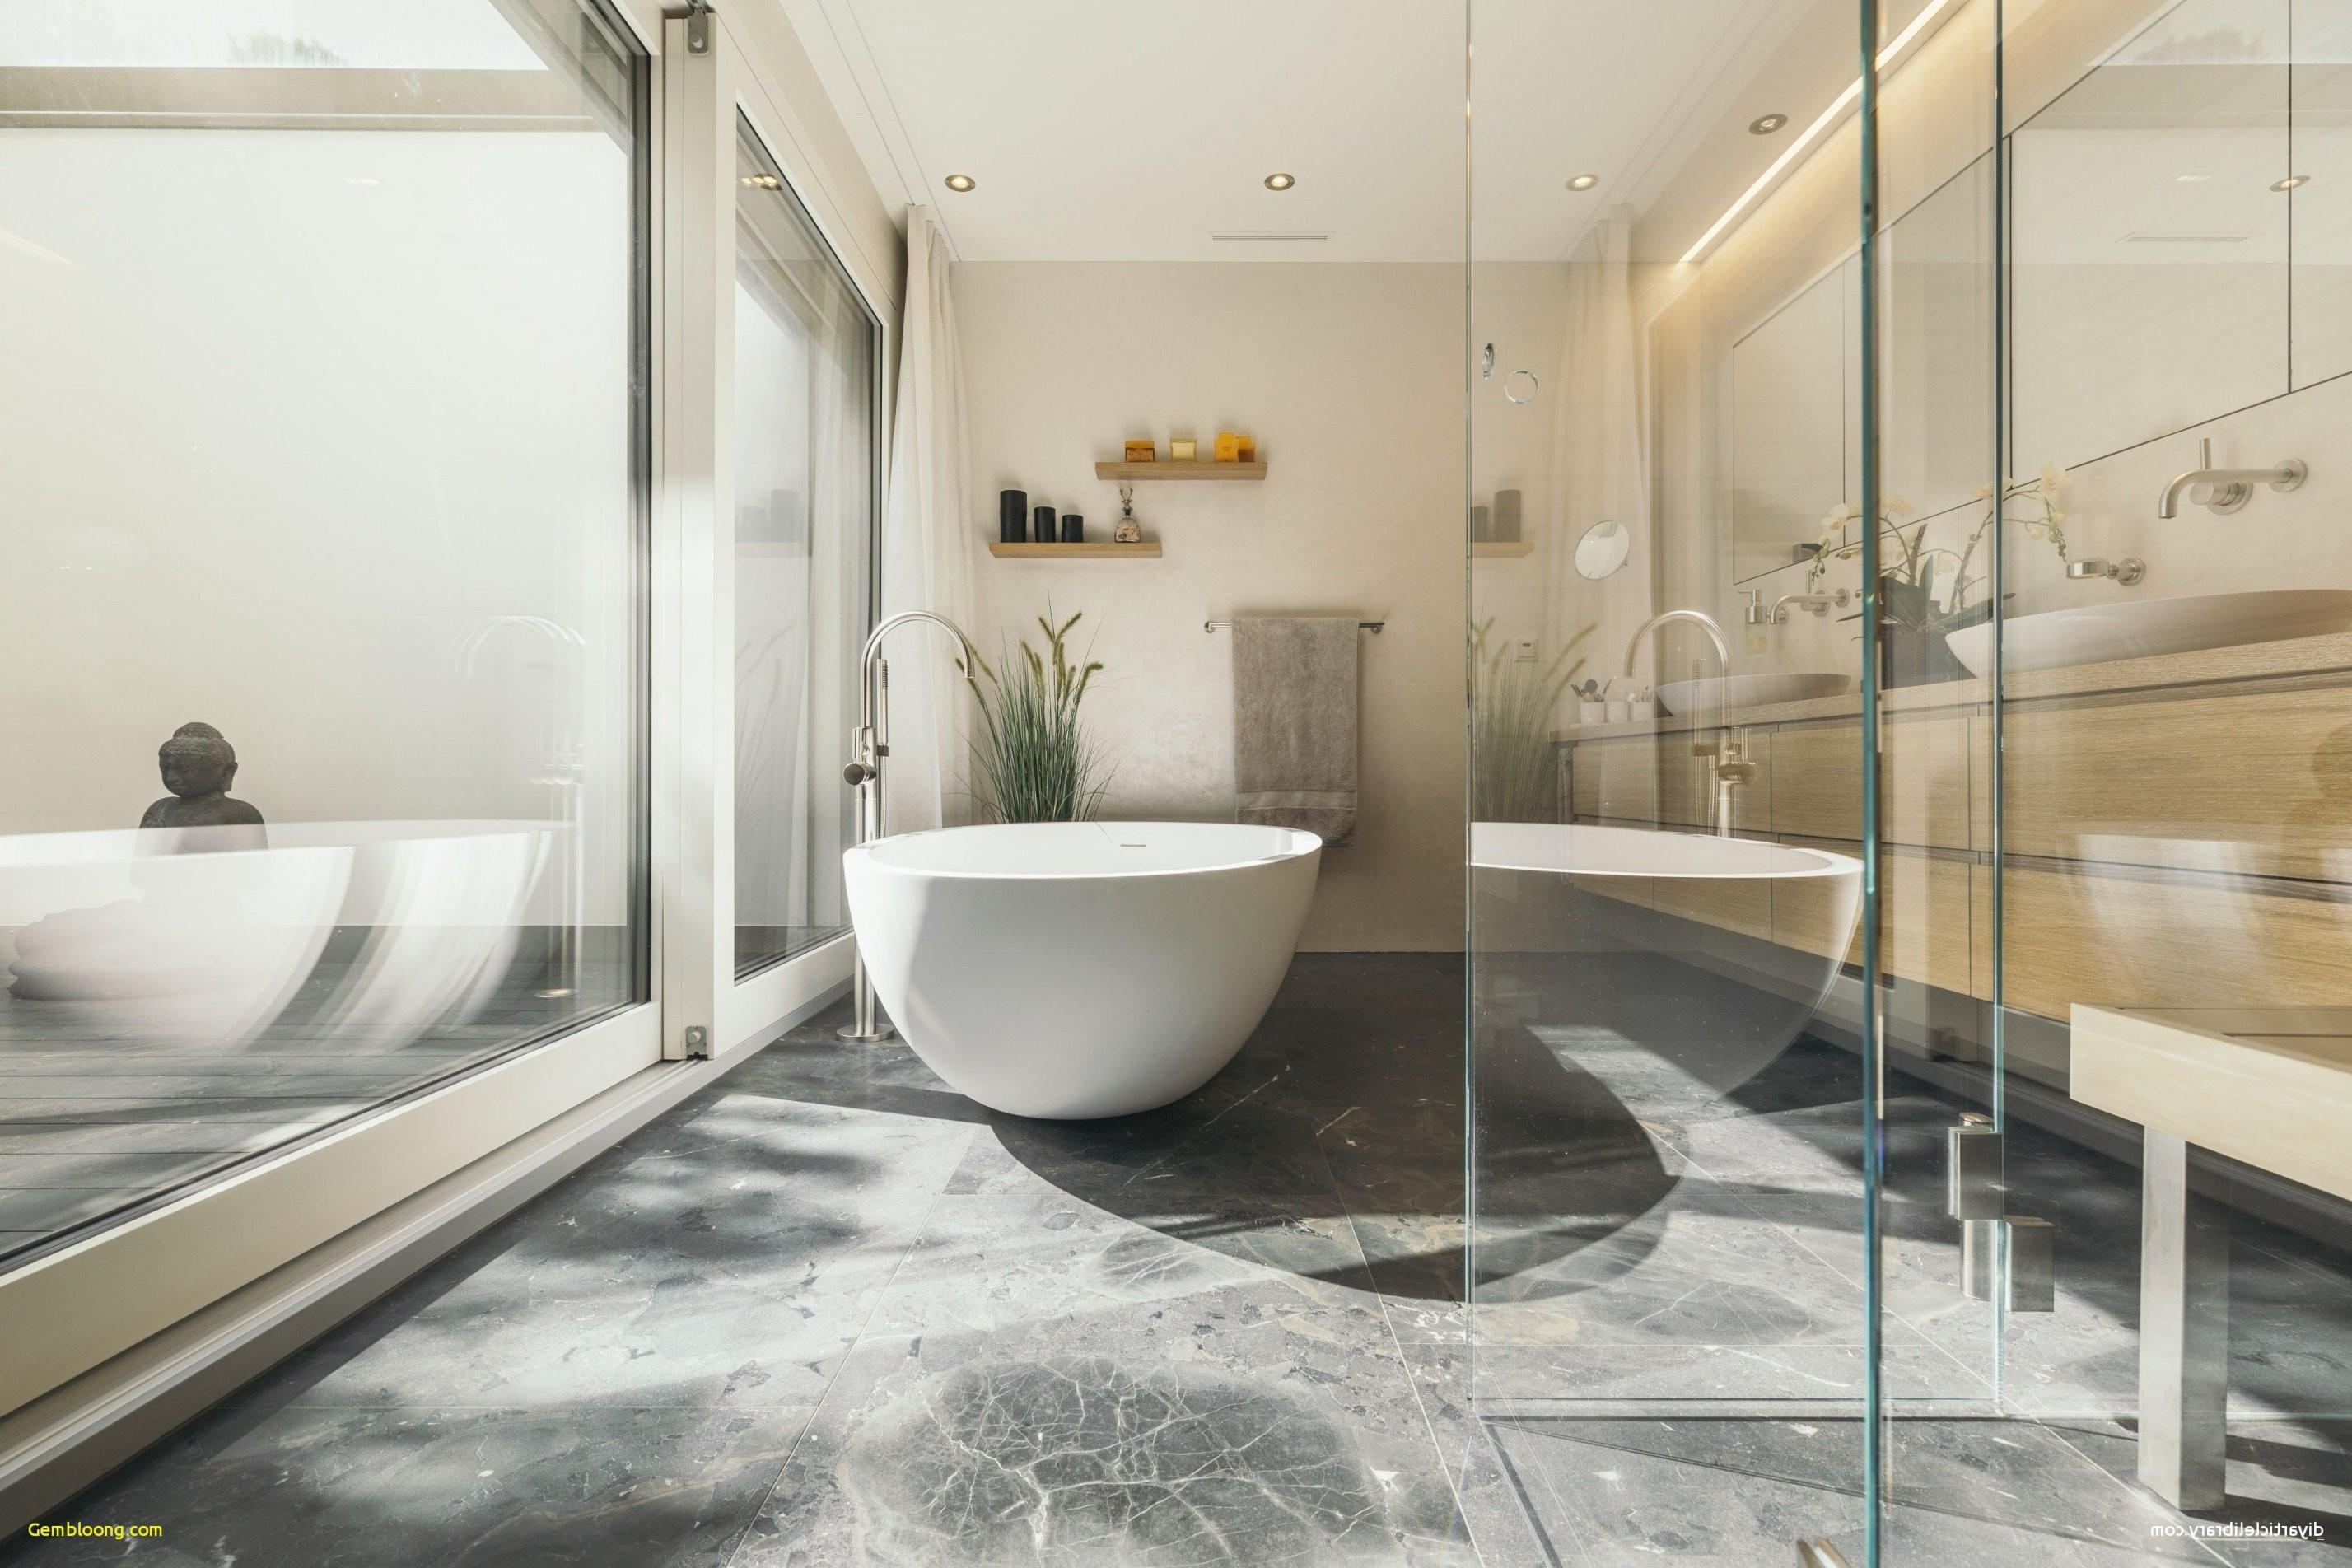 20 Das Beste Von Frisch Badezimmer Renovieren Ideen Motiv Badezimmer von Badezimmer Umbau Fotos Ideen Bild